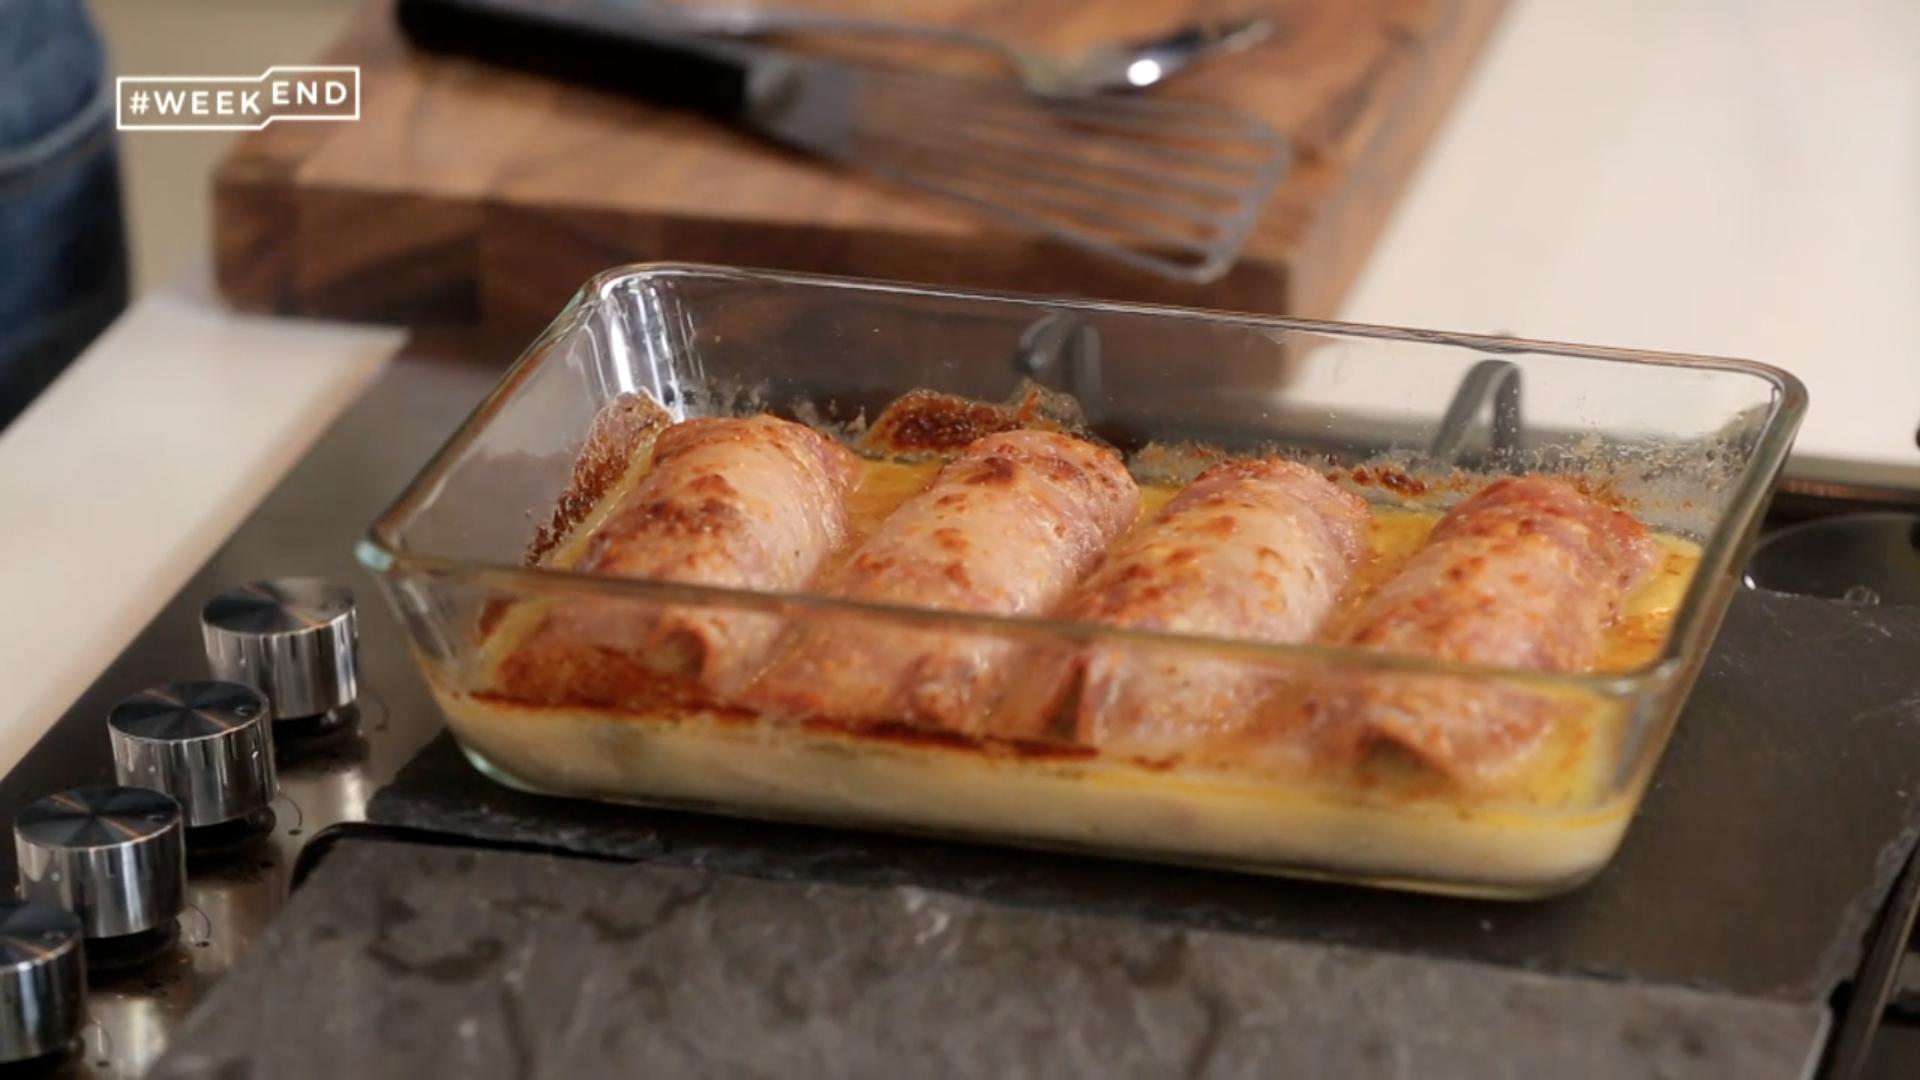 Ma recette des endives au jambon laurent mariotte - Recette endives au jambon ...